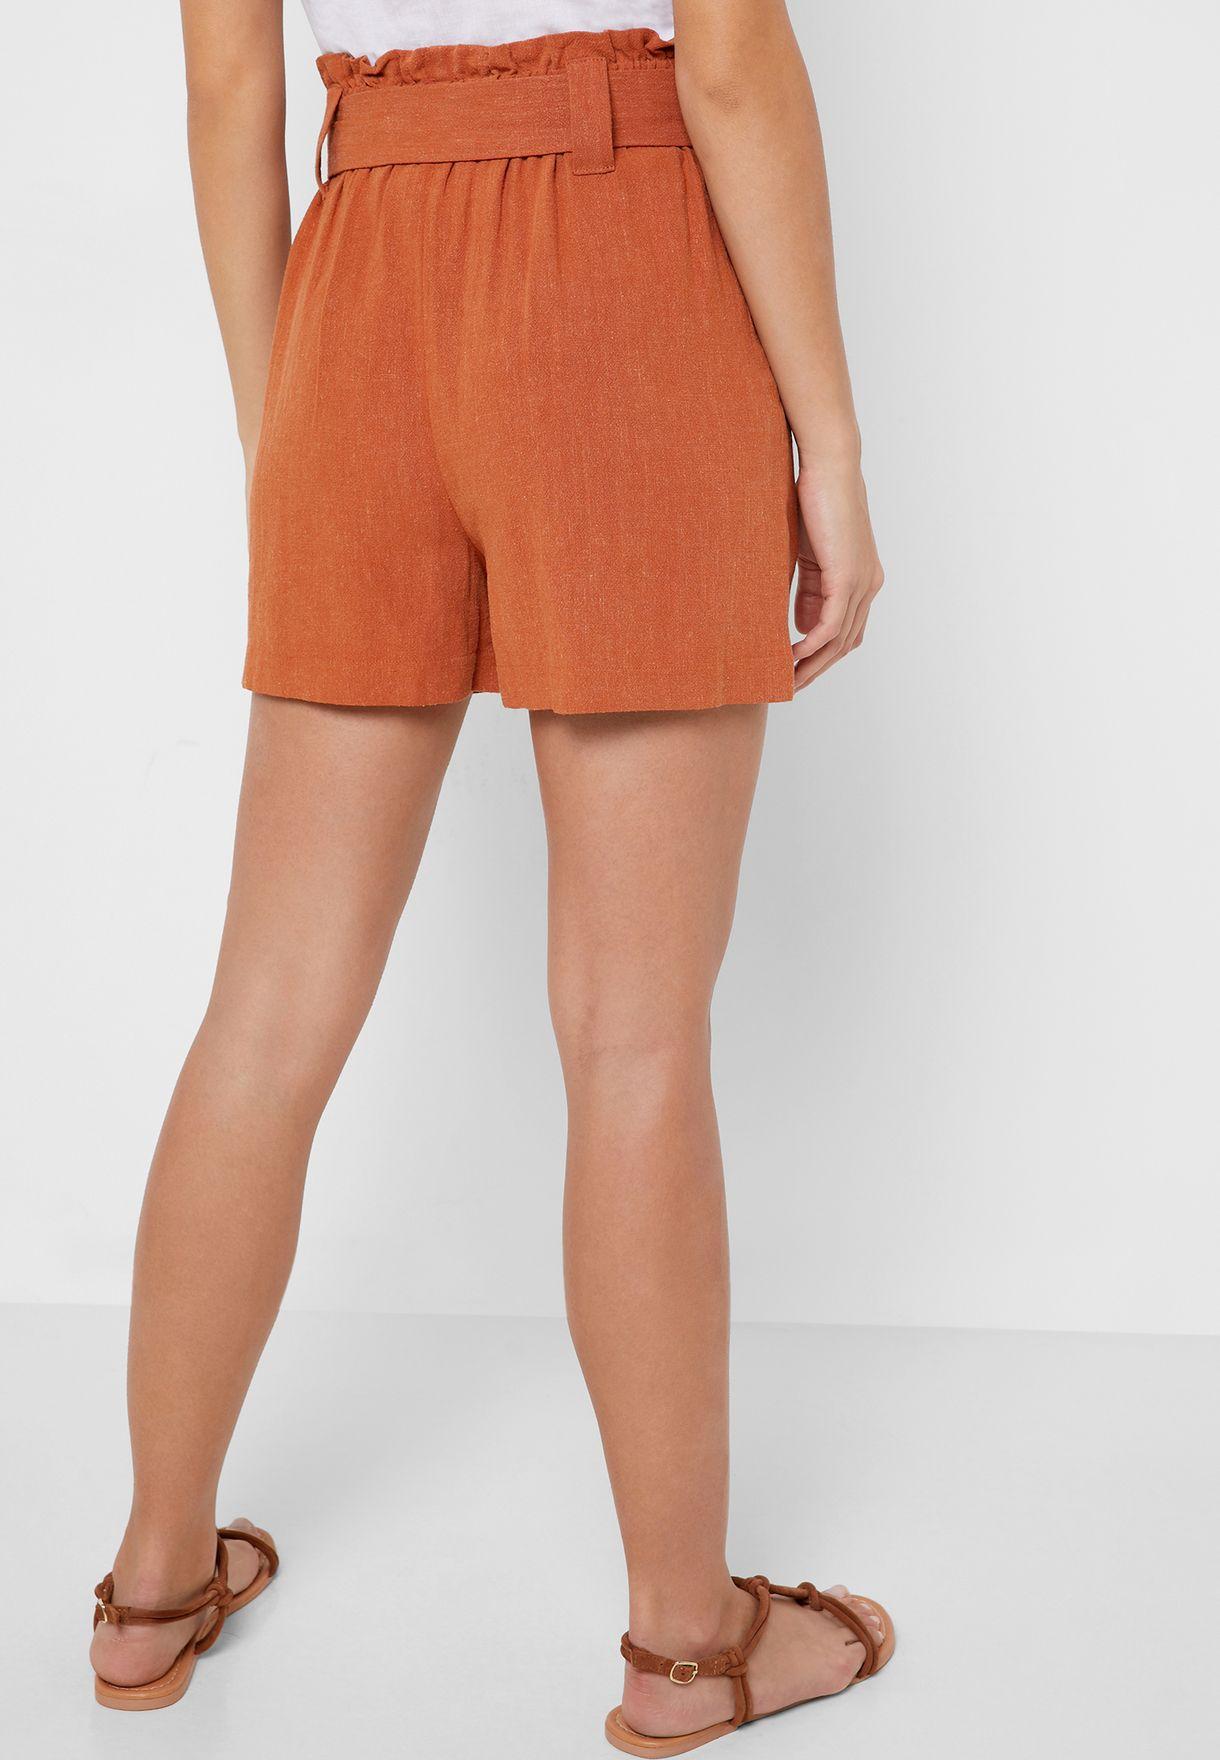 Belted High Waist Shorts